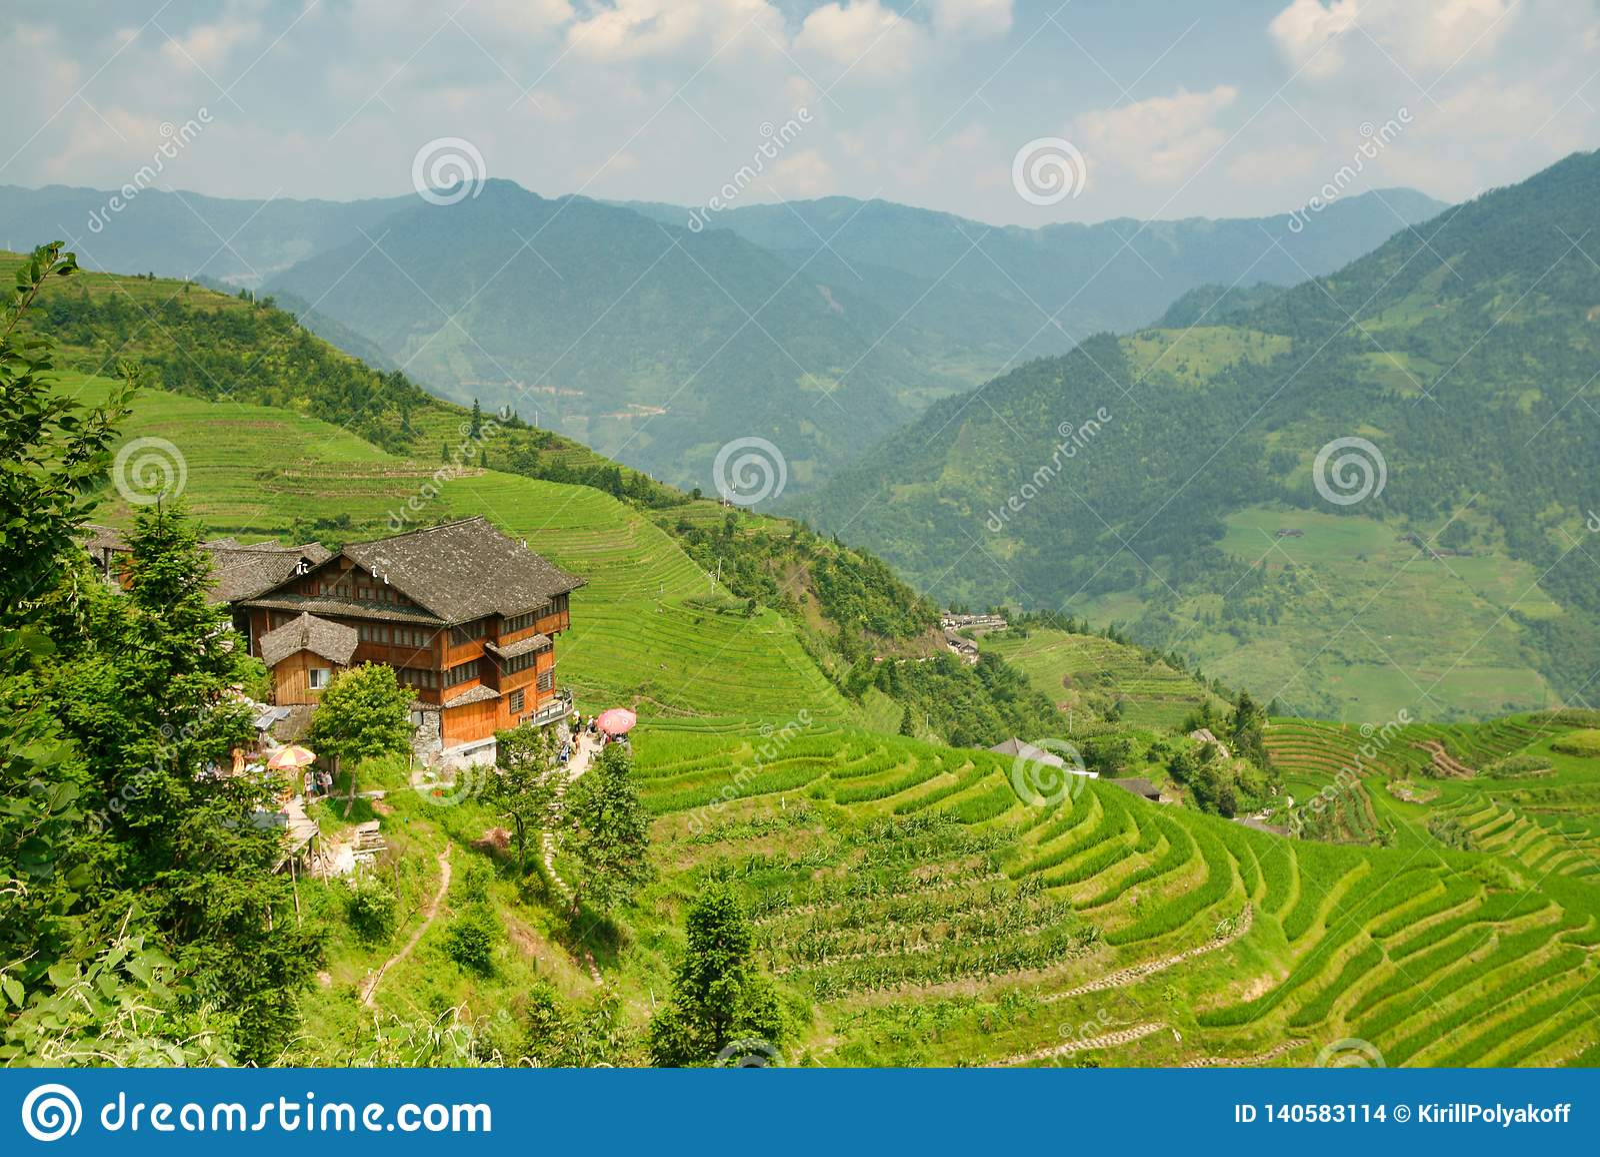 Mooie mening van de huizen van het dorp van Dazhay, rijstterrassen en bergen